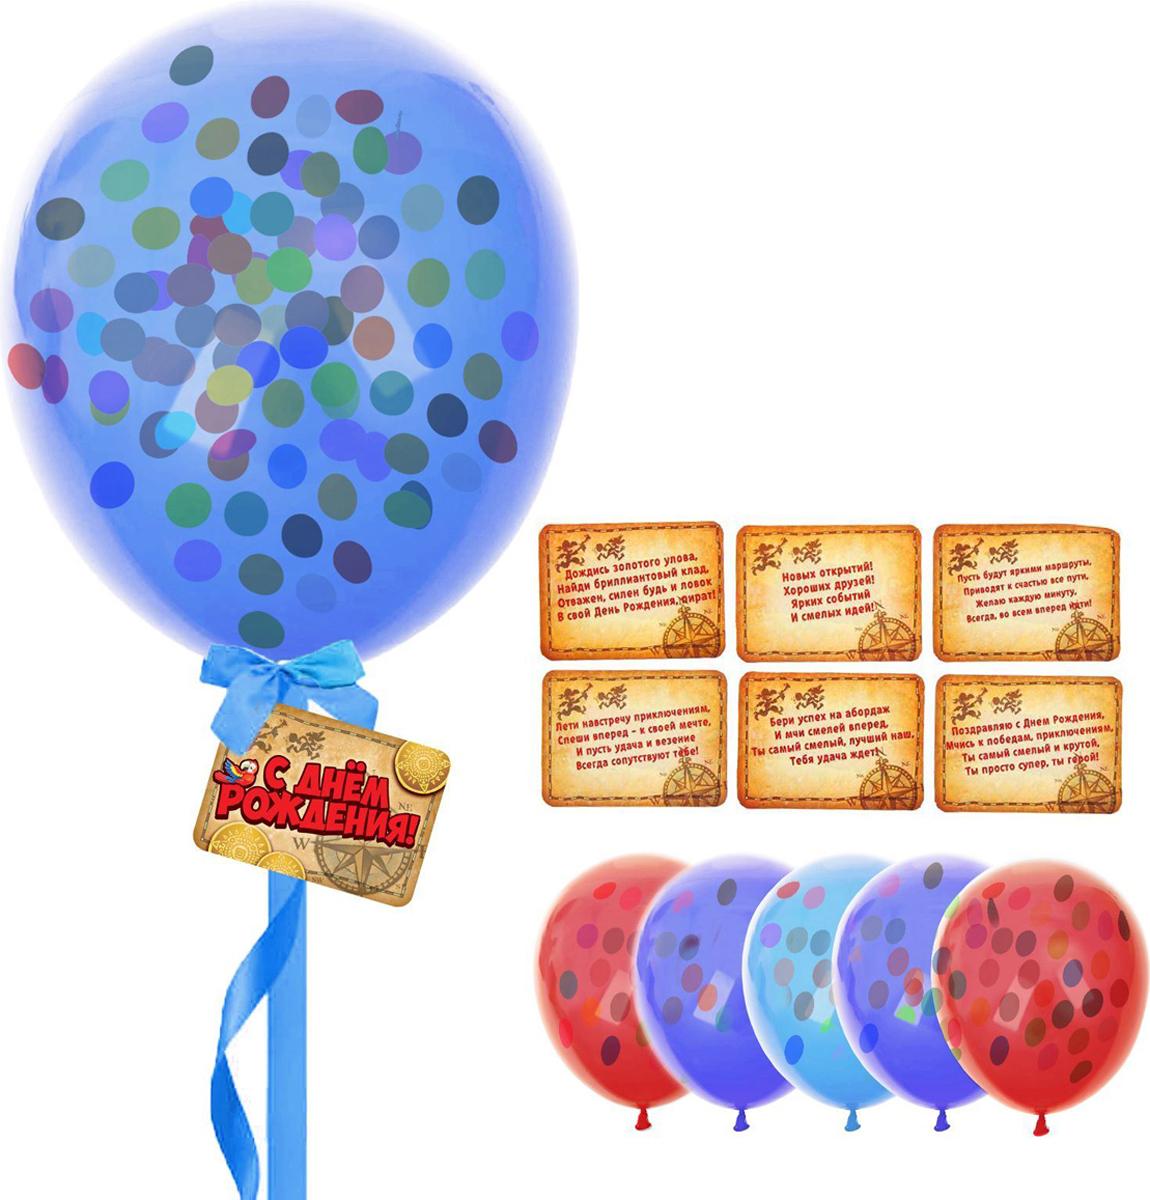 Страна Карнавалия Шары воздушные с пожеланиями 10 дюймов С Днем Рождения! Пират набор 8 шт 1393727